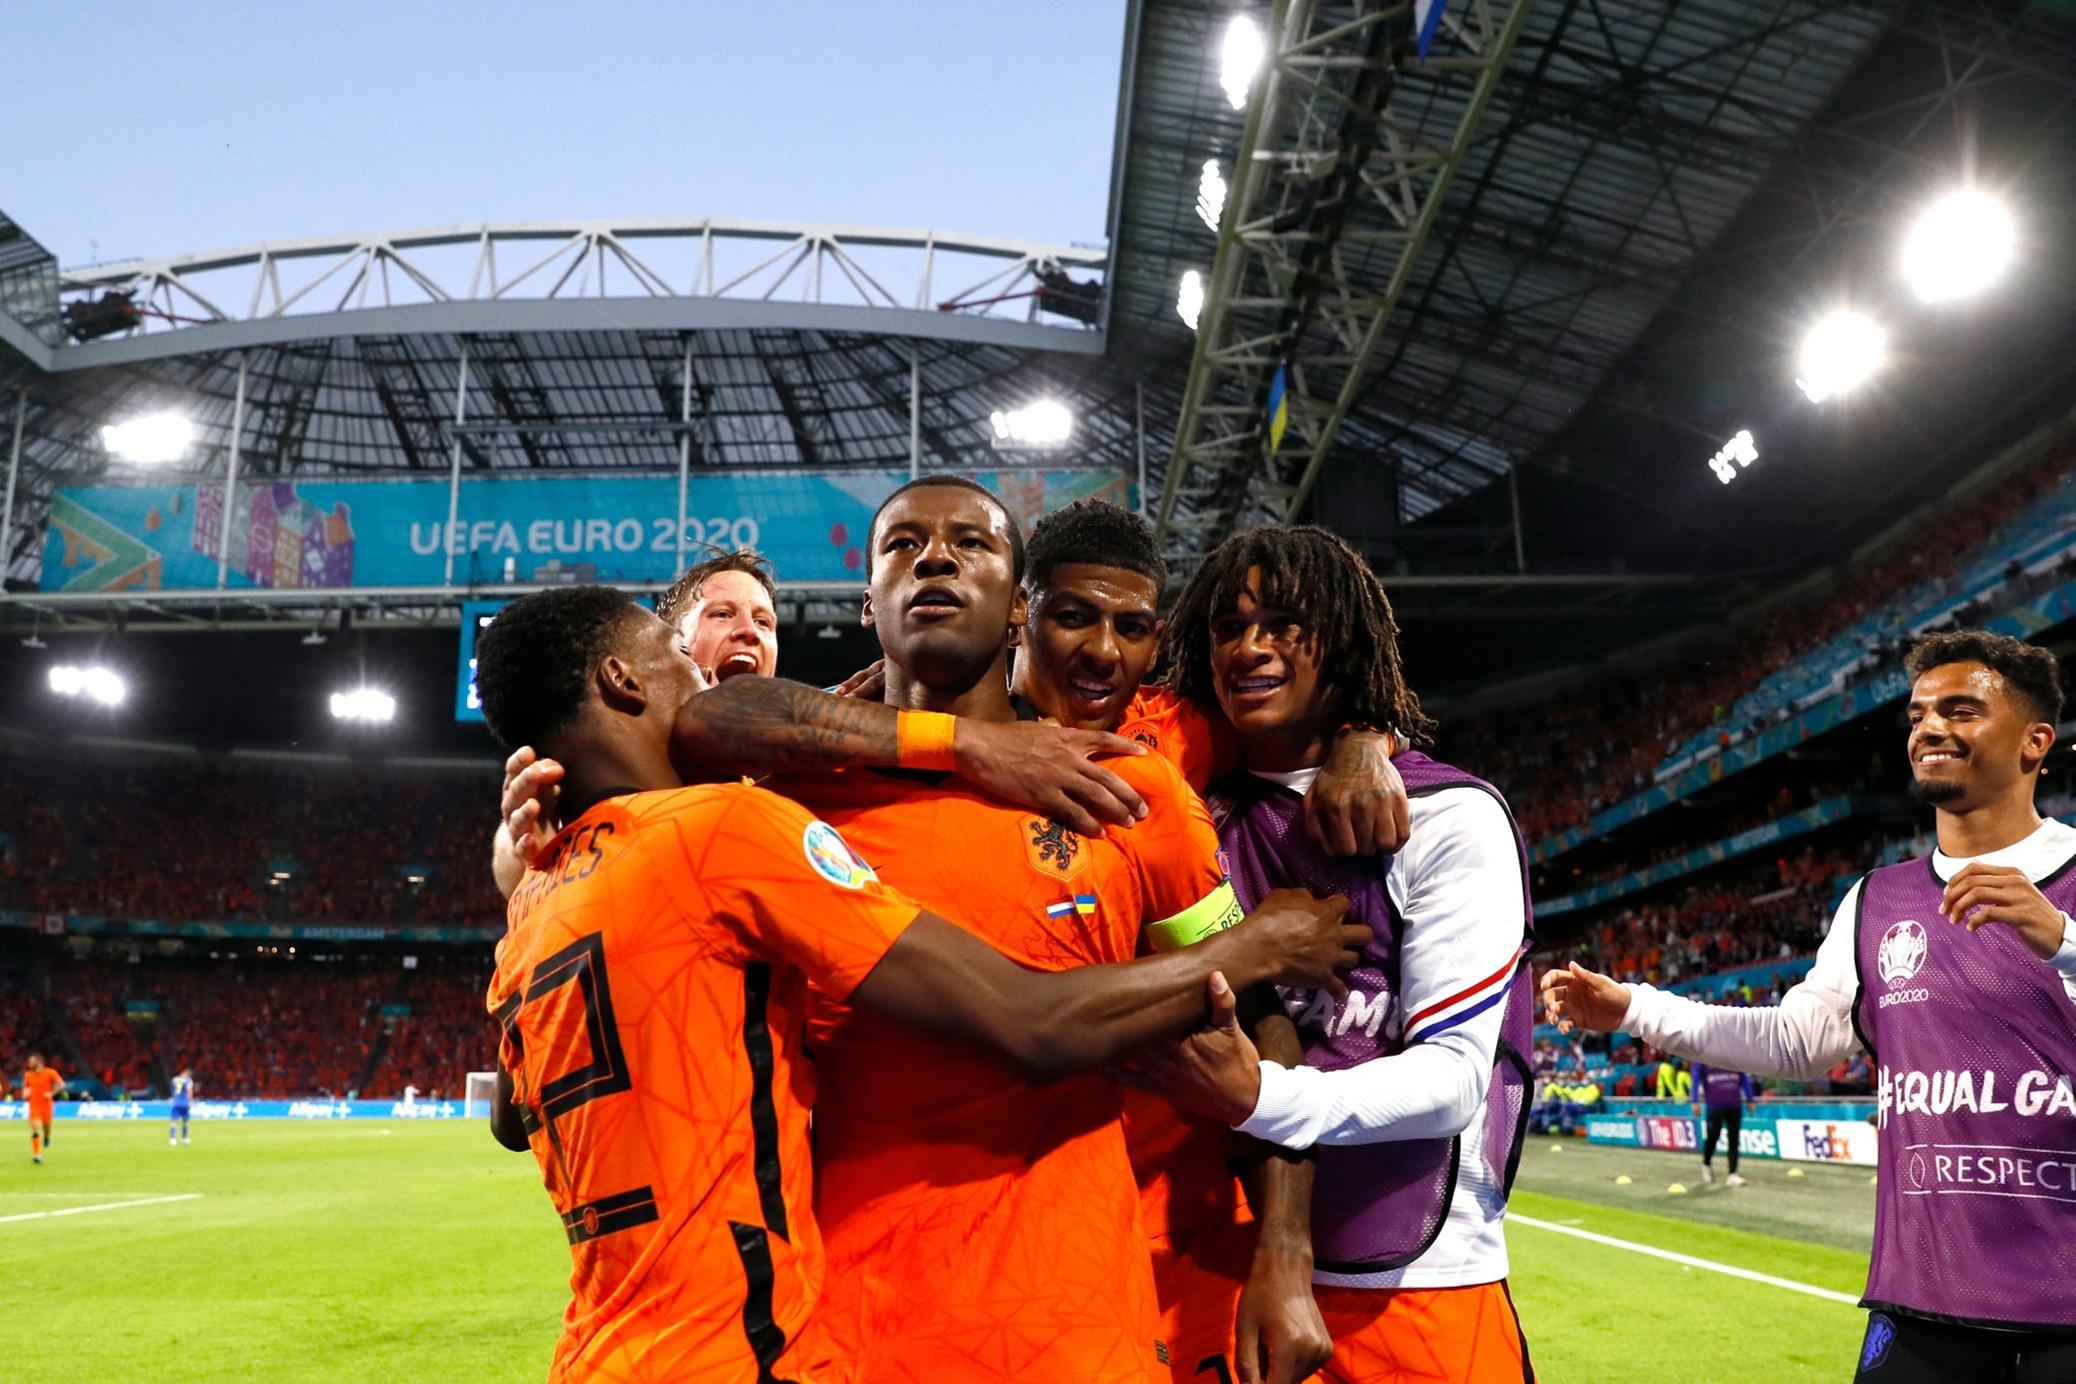 ไฮไลท์ฟุตบอล ยูโร 2021 เนเธอร์แลนด์ - ยูเครน